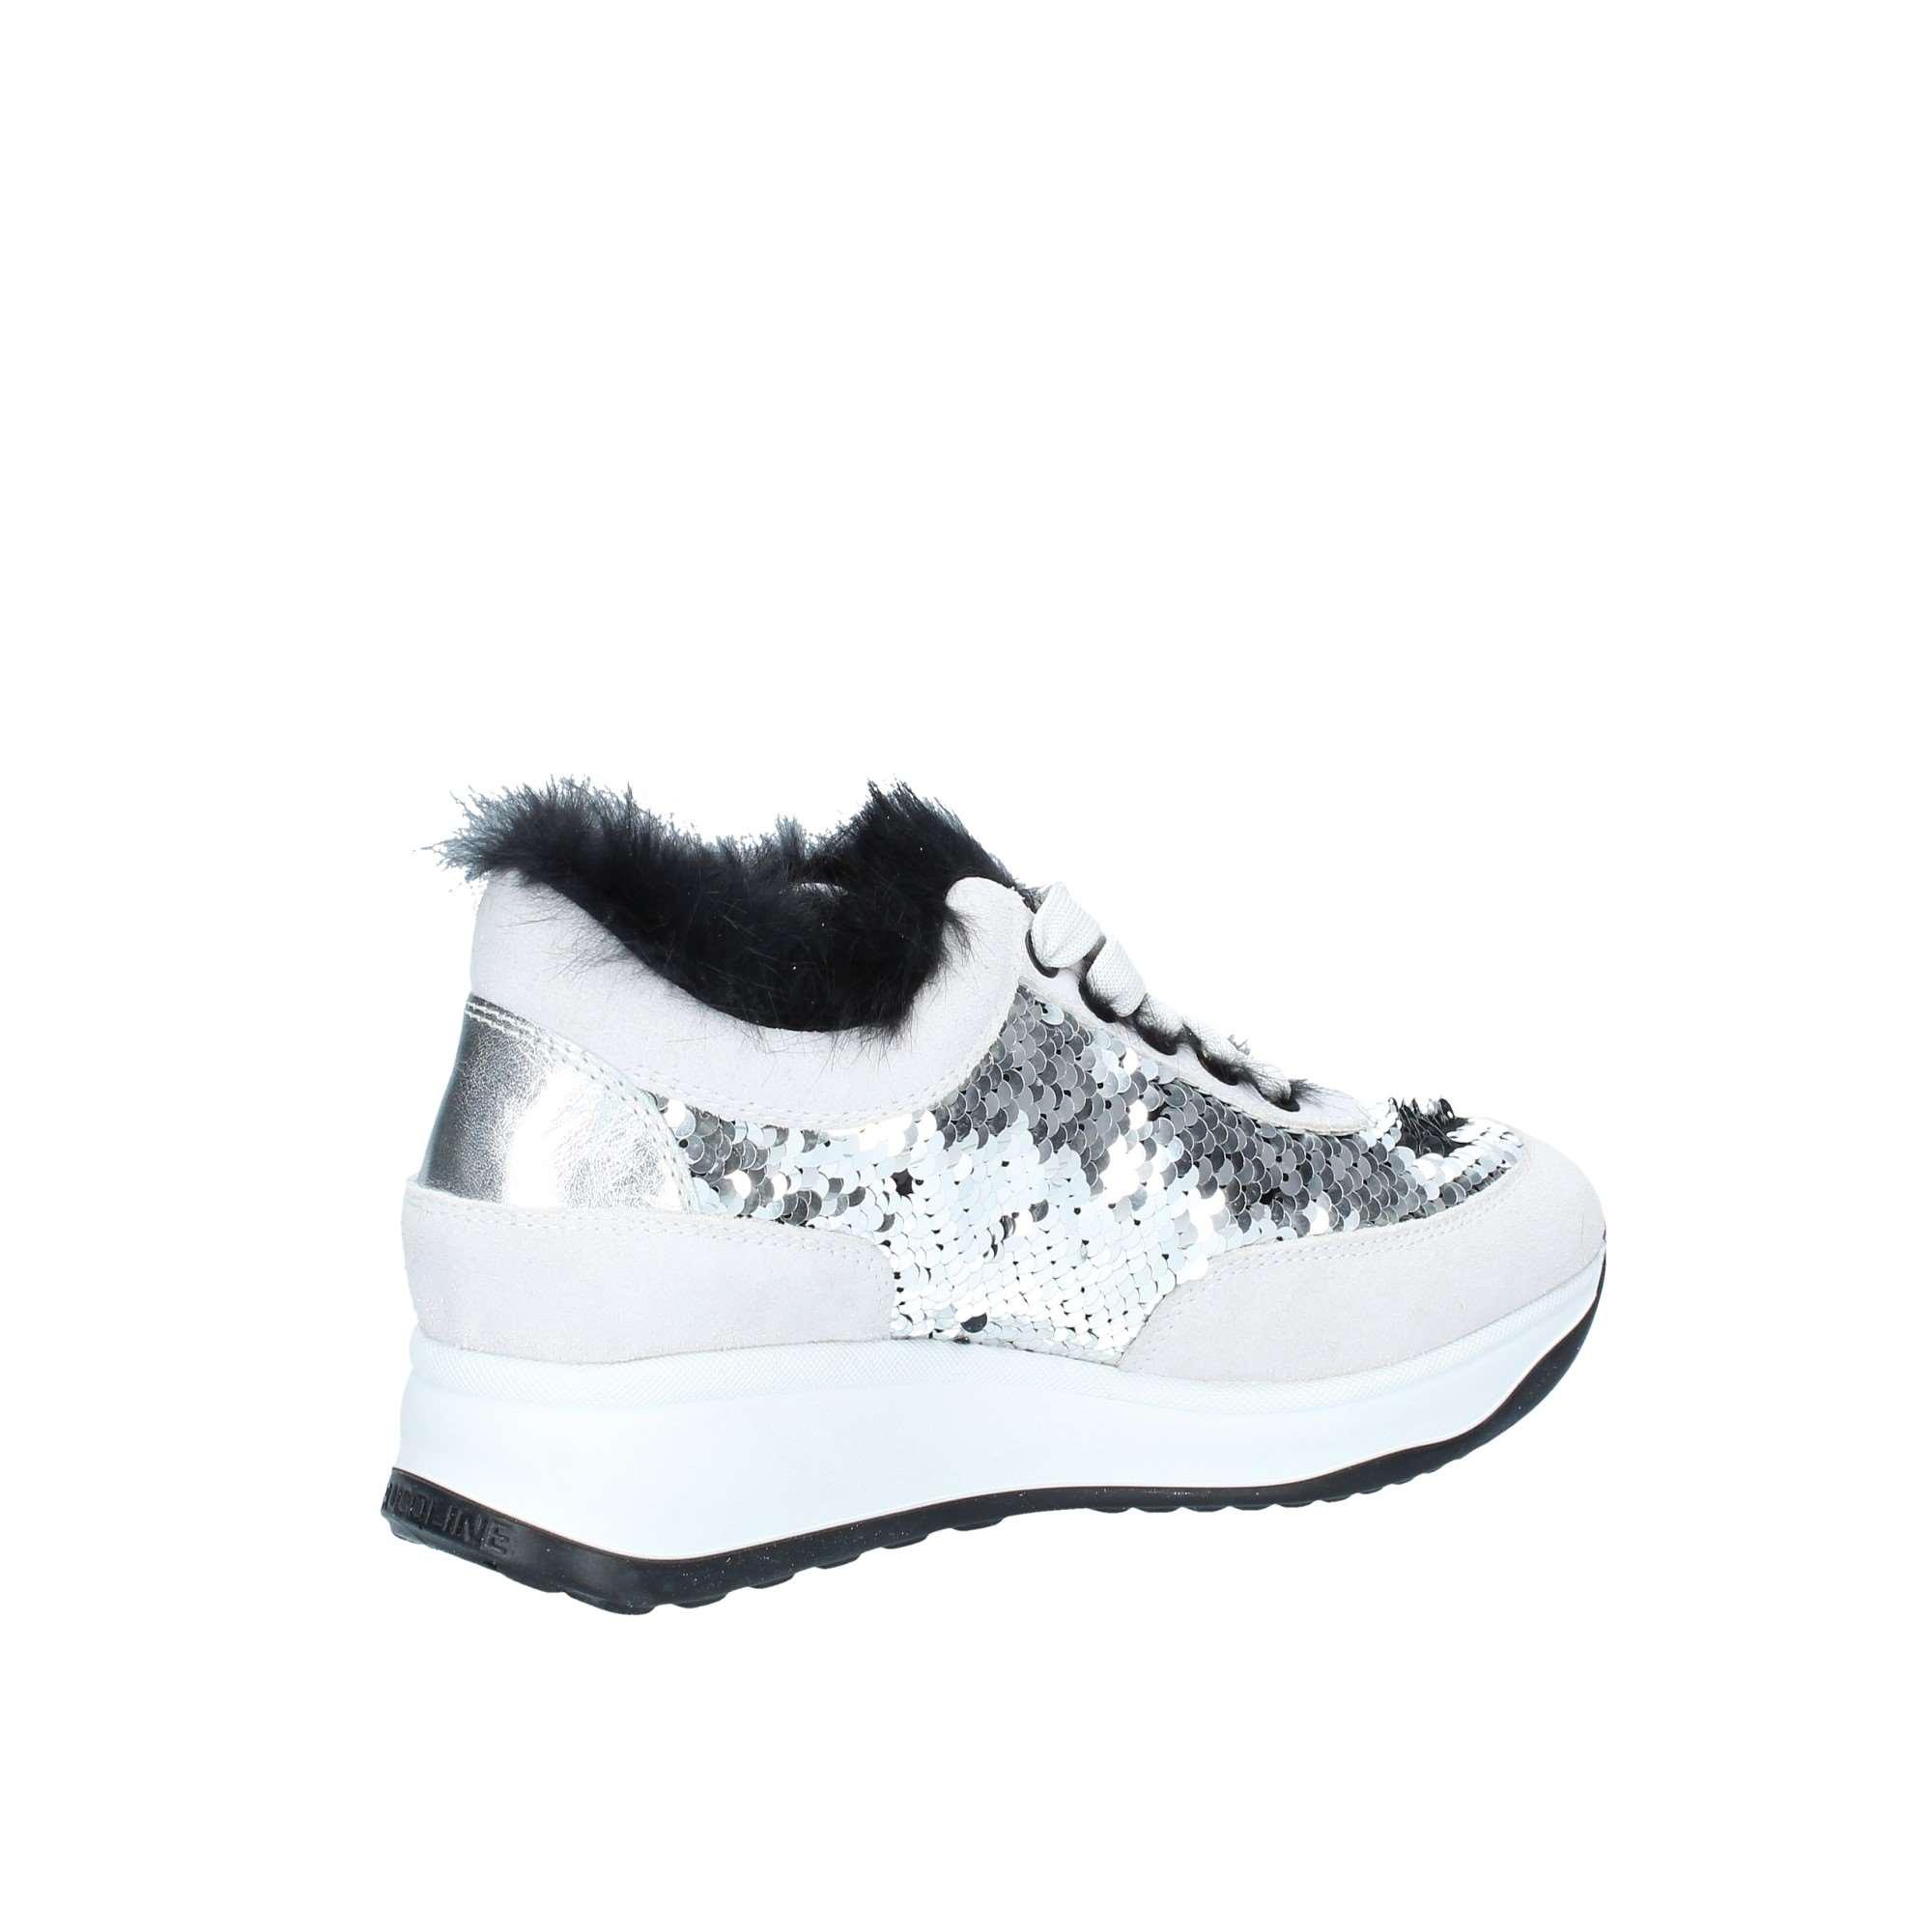 Rucoline 1304 TEX S. scarpe da da da ginnastica Donna Autunno Inverno | Delicato  | Uomini/Donne Scarpa  fc5cd6